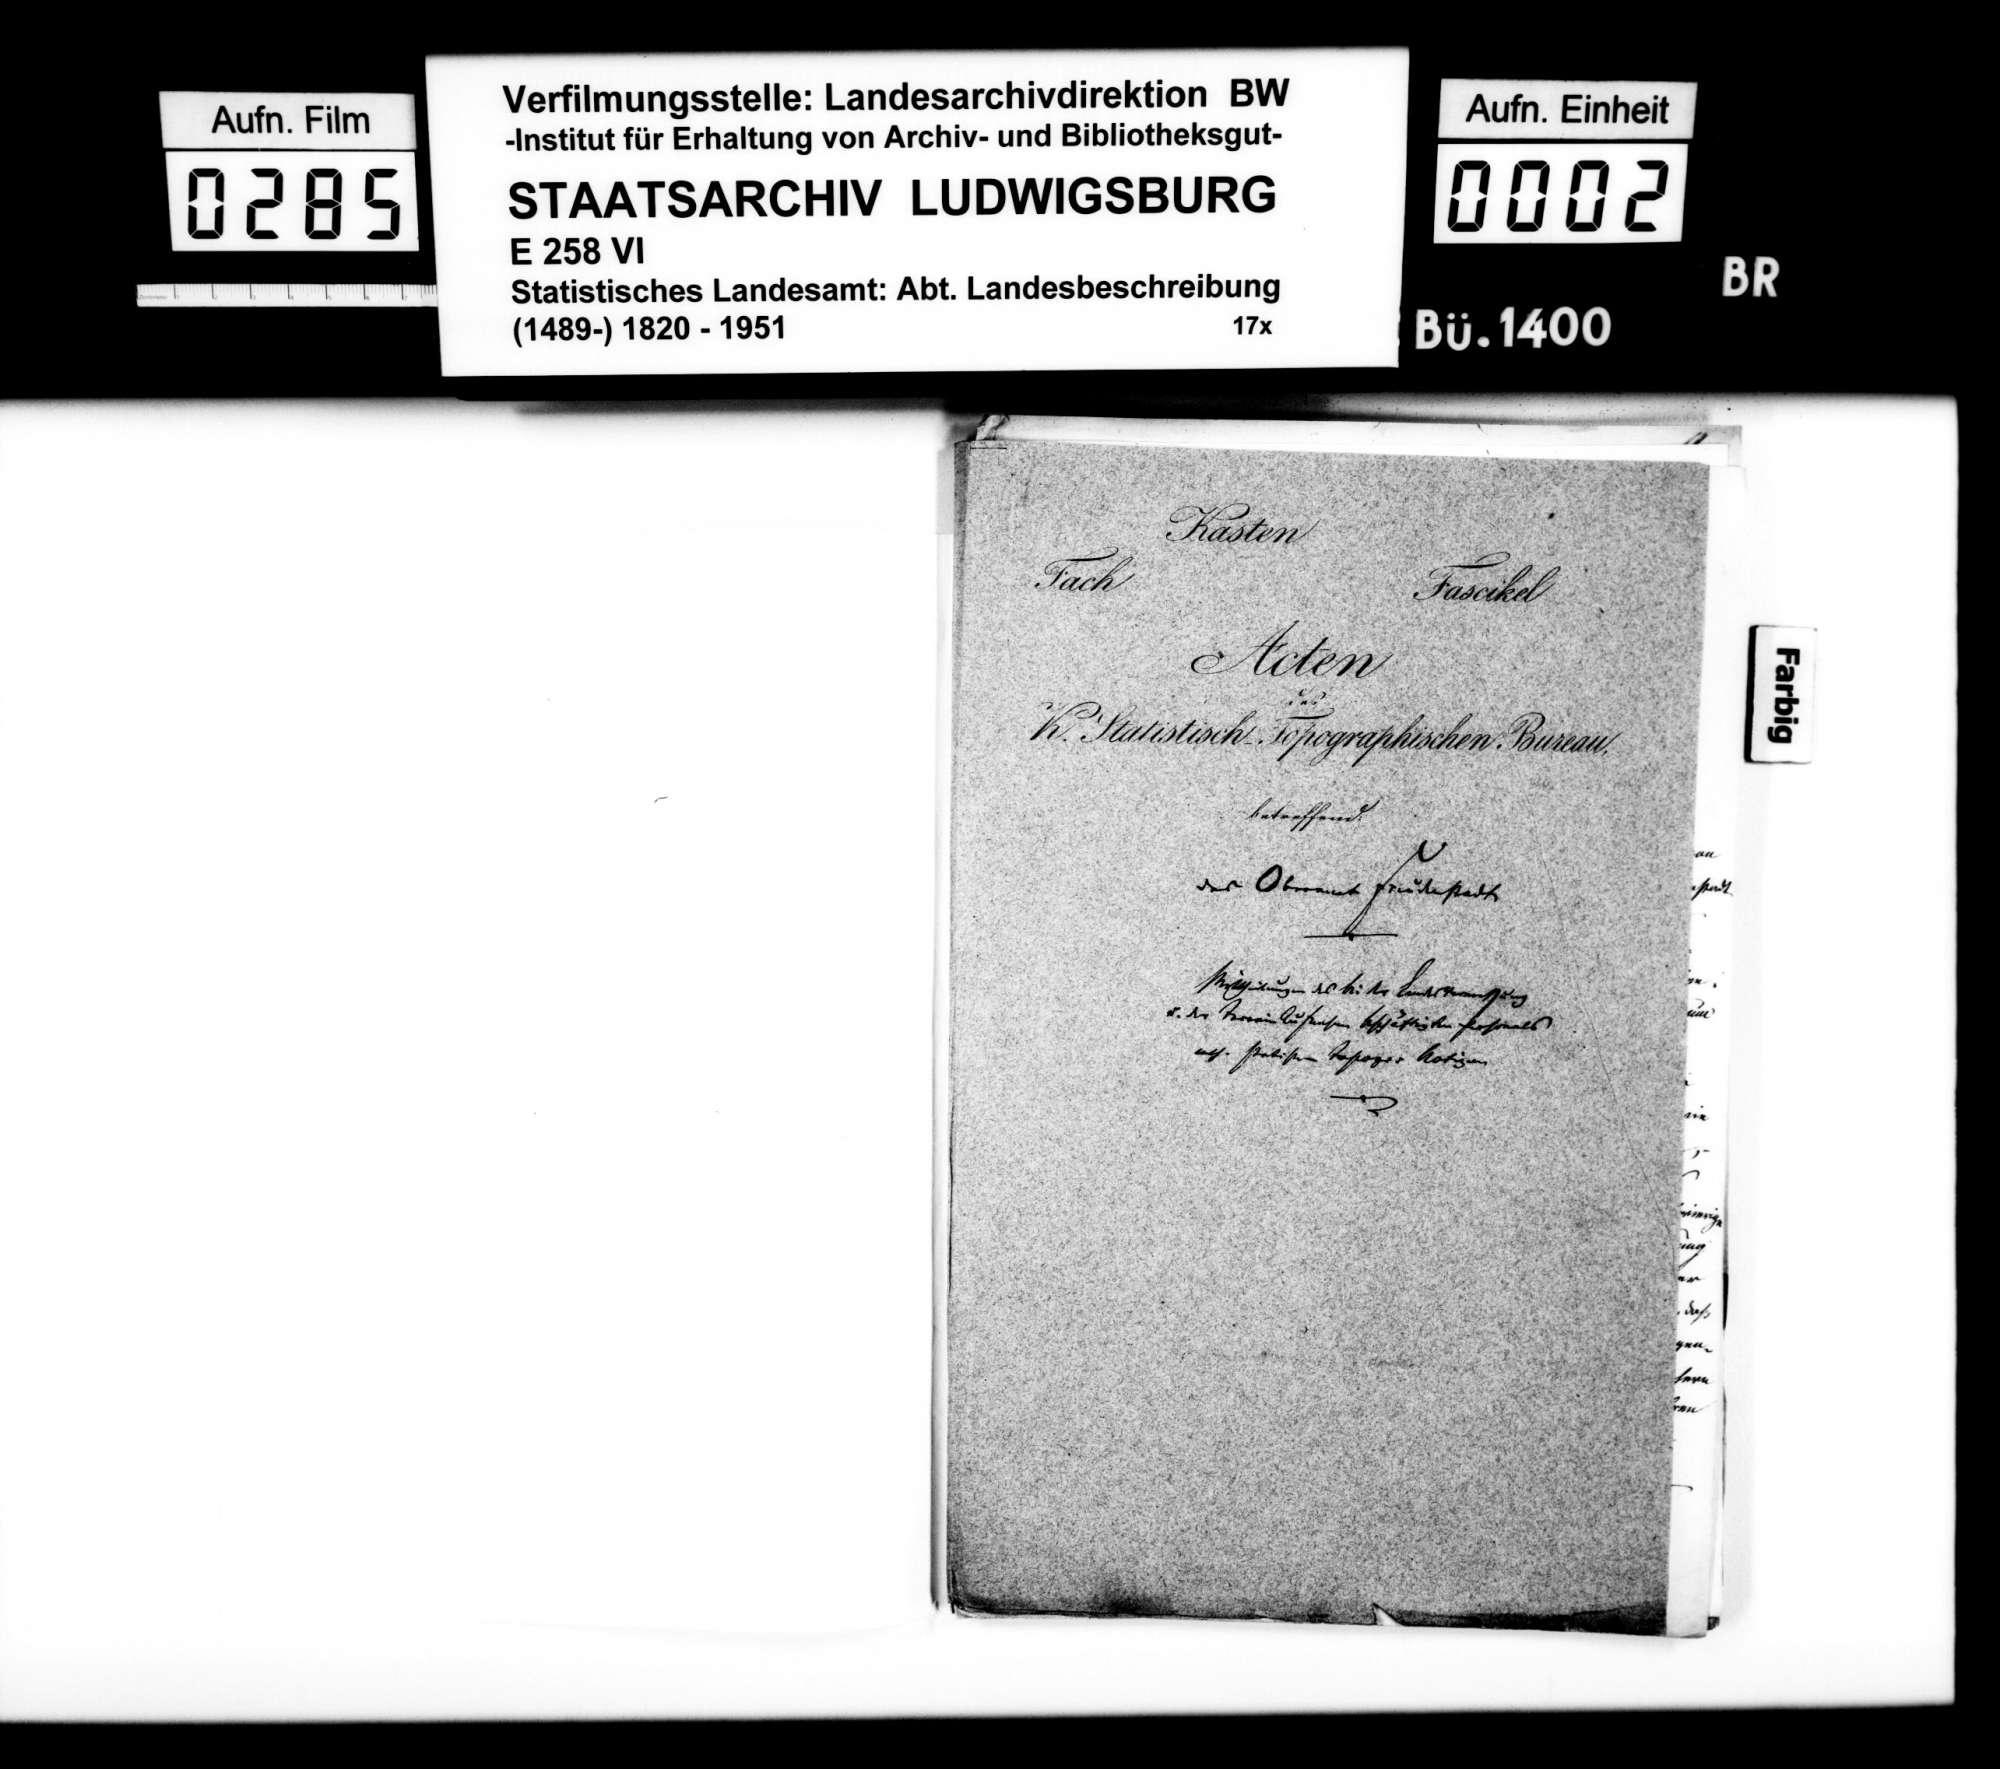 Statistisch-topographische Notizen des Trigonometers Kohler zum Oberamt, Bild 1